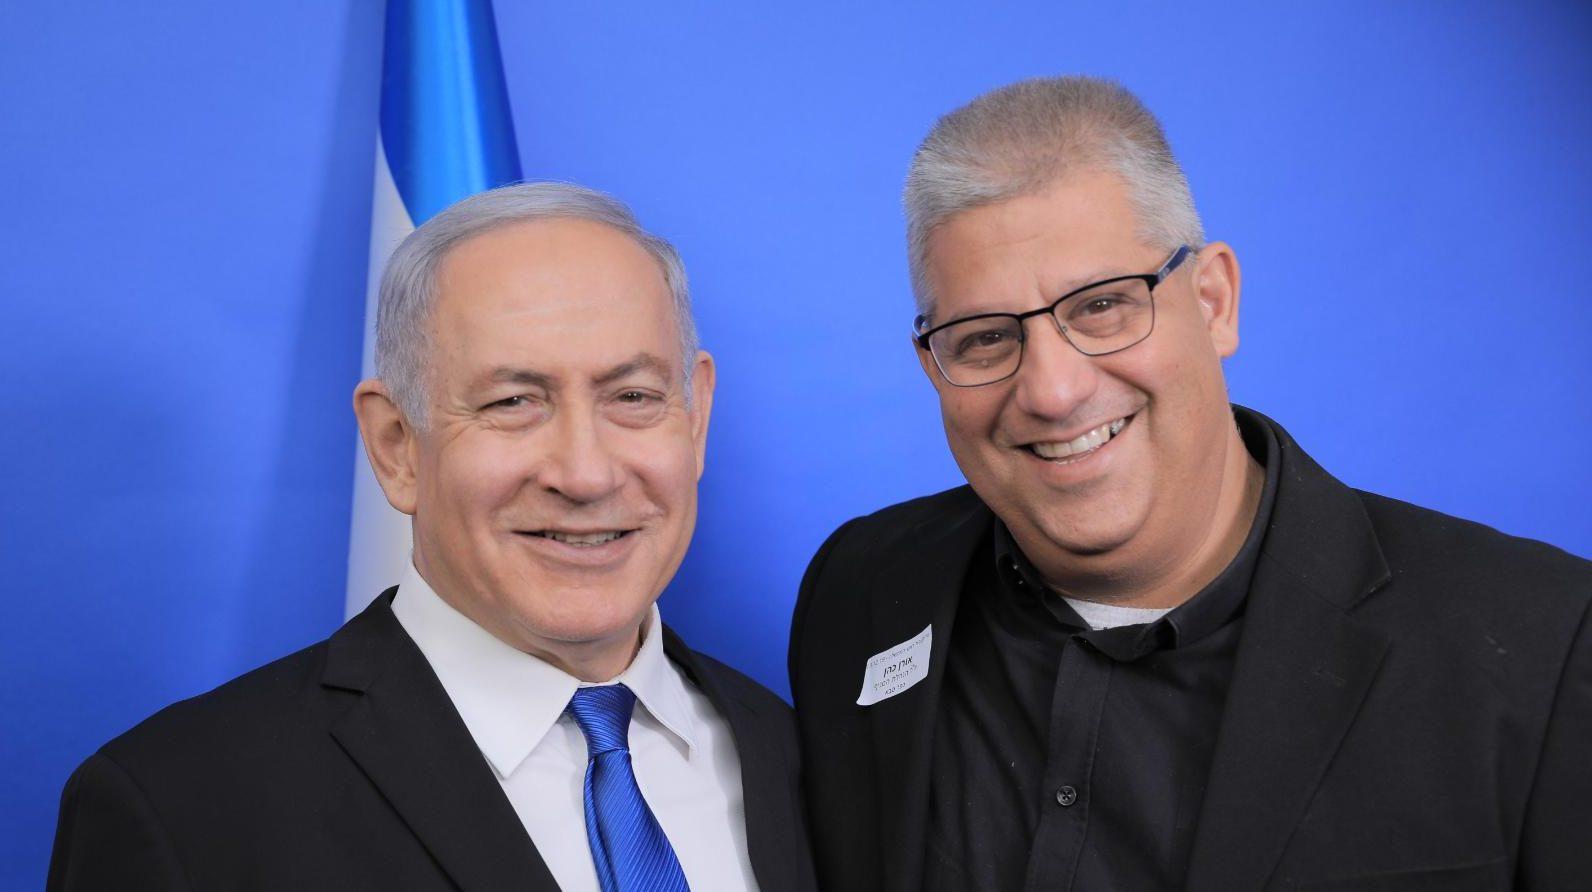 אורן כהן ובנימין נתניהו. צילום מטה נתניהו